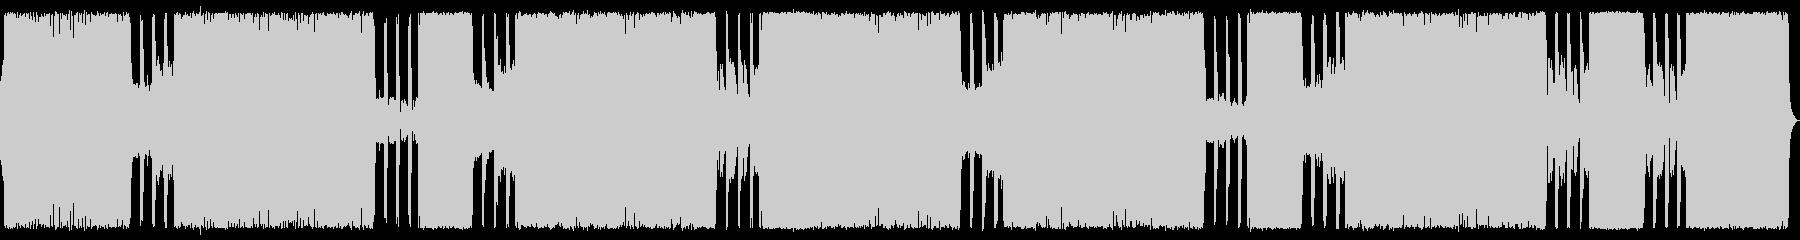 ゴシックメタルな戦闘BGMの未再生の波形